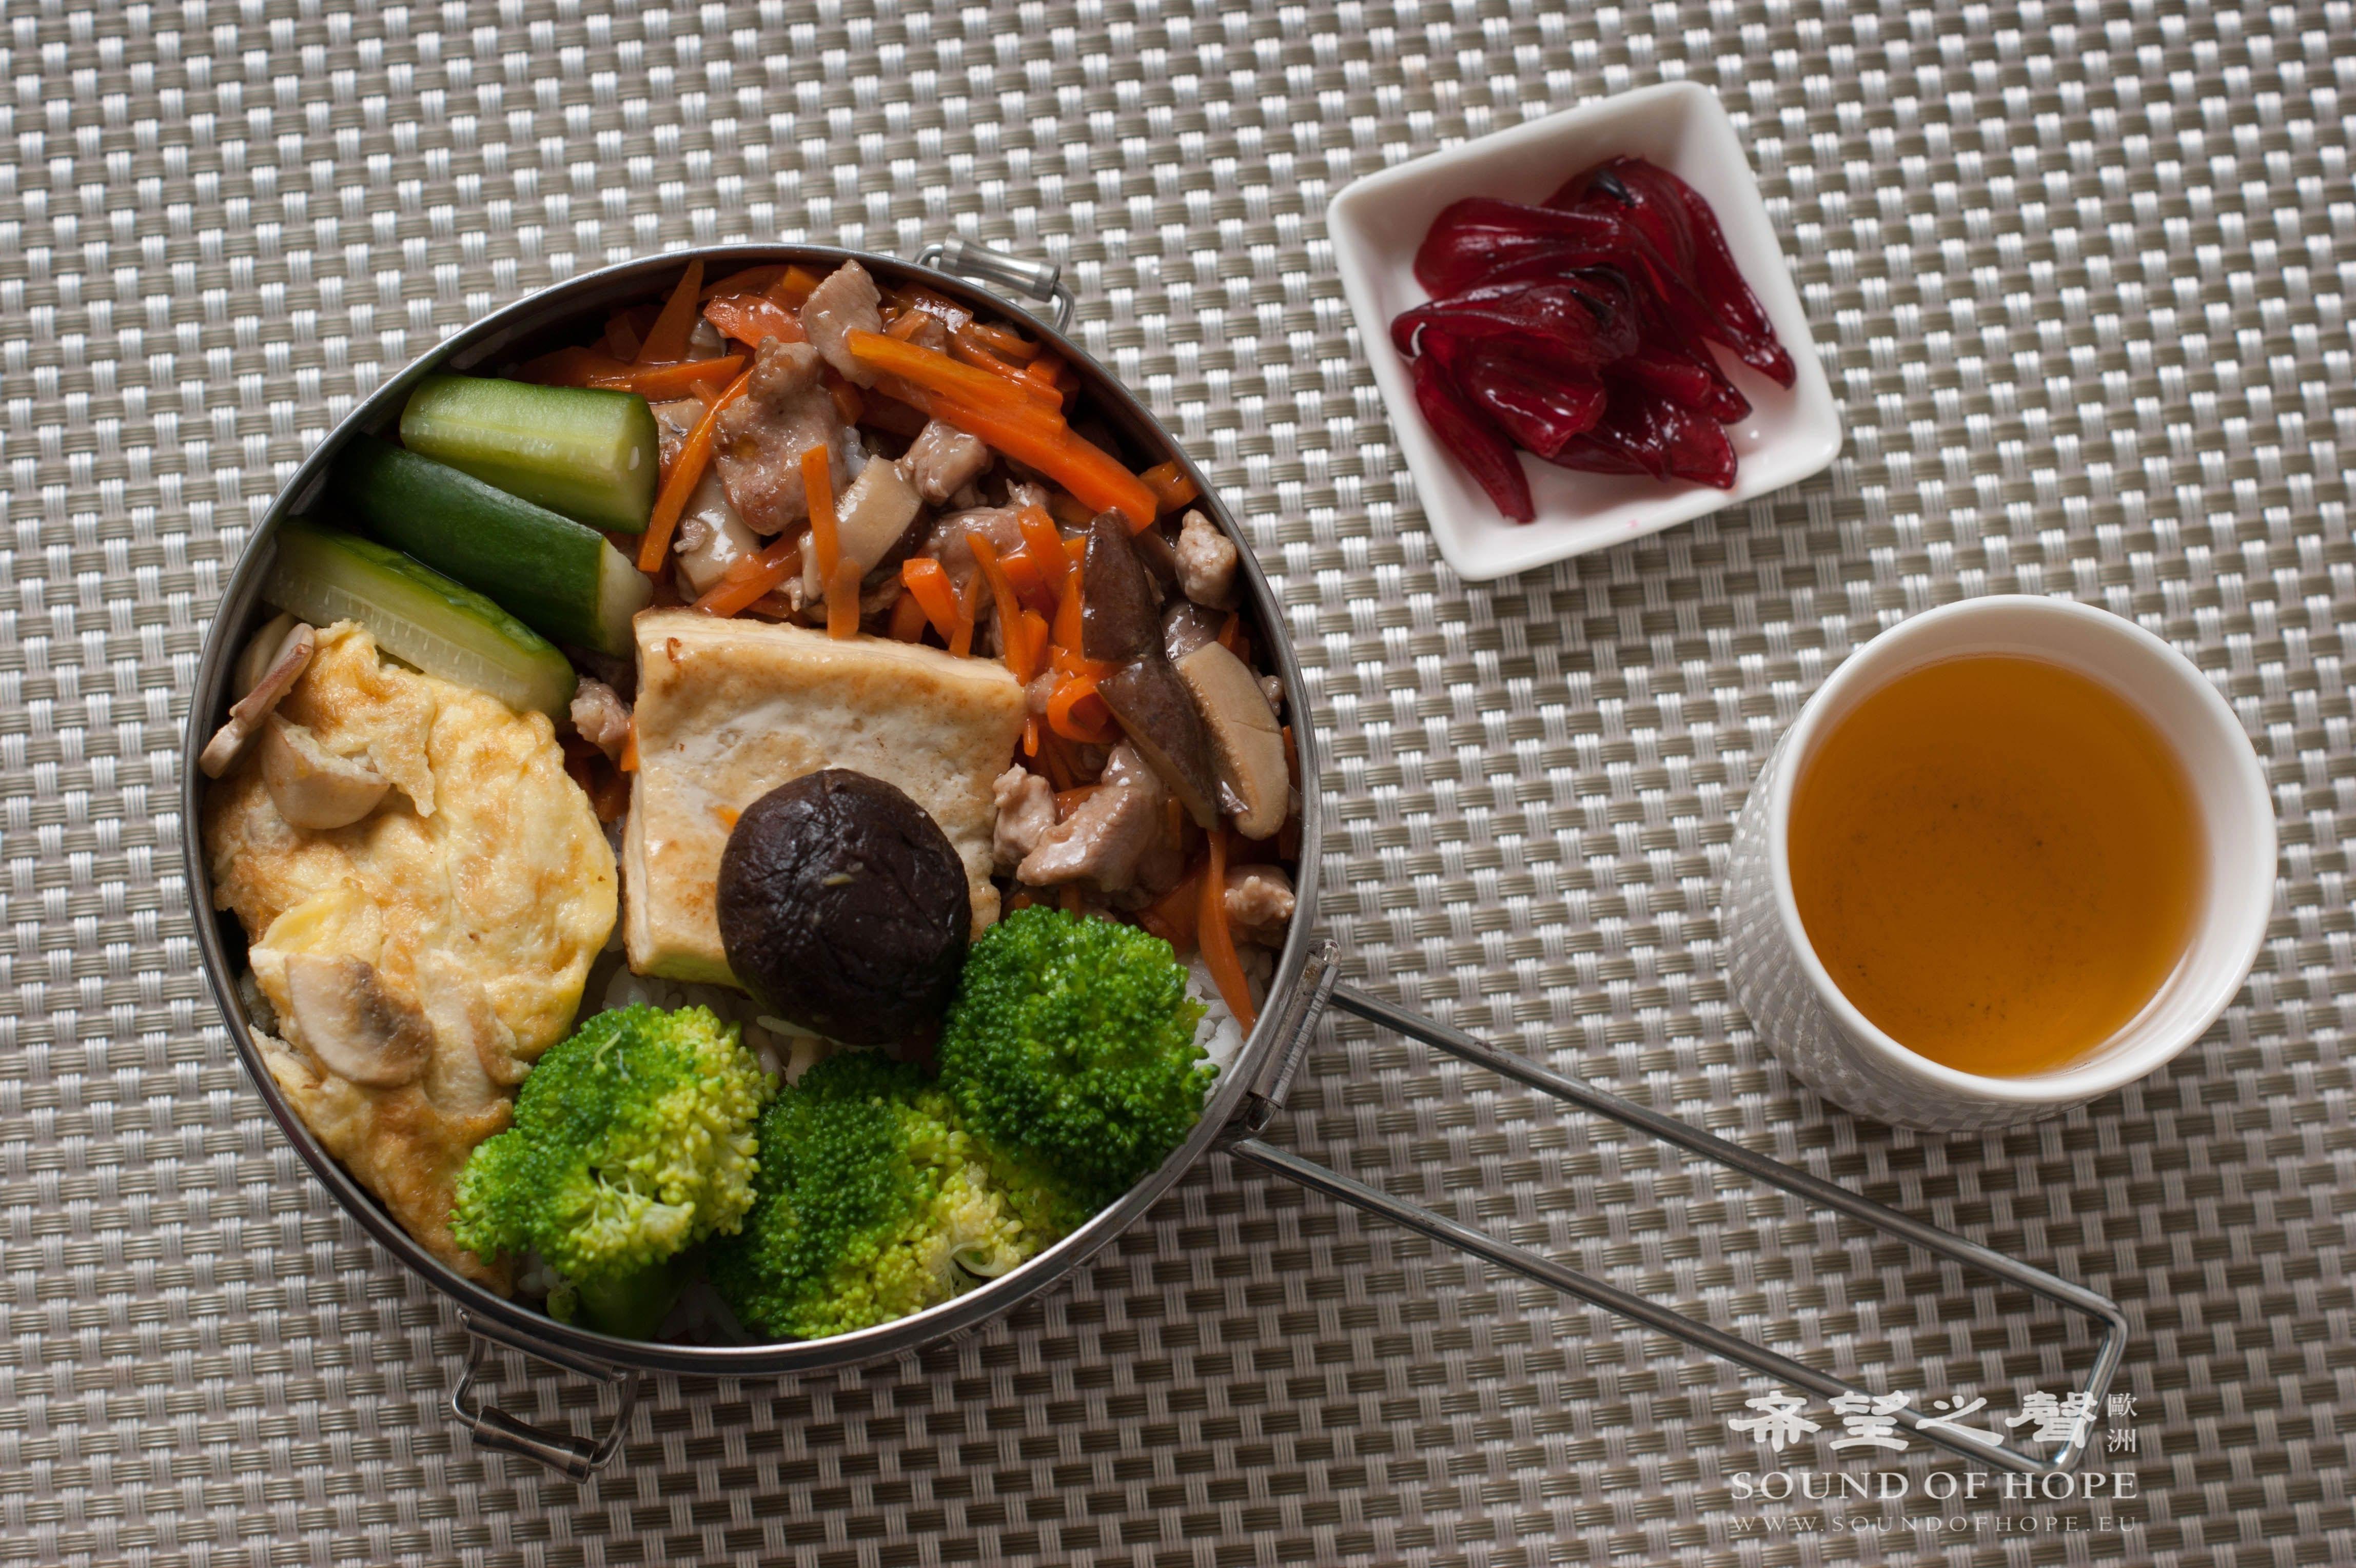 【做便当】蘑菇煎蛋、香菇煎豆腐、洋葱肉丝炒红萝卜。(图片来源:欧洲希望之声 麦克)